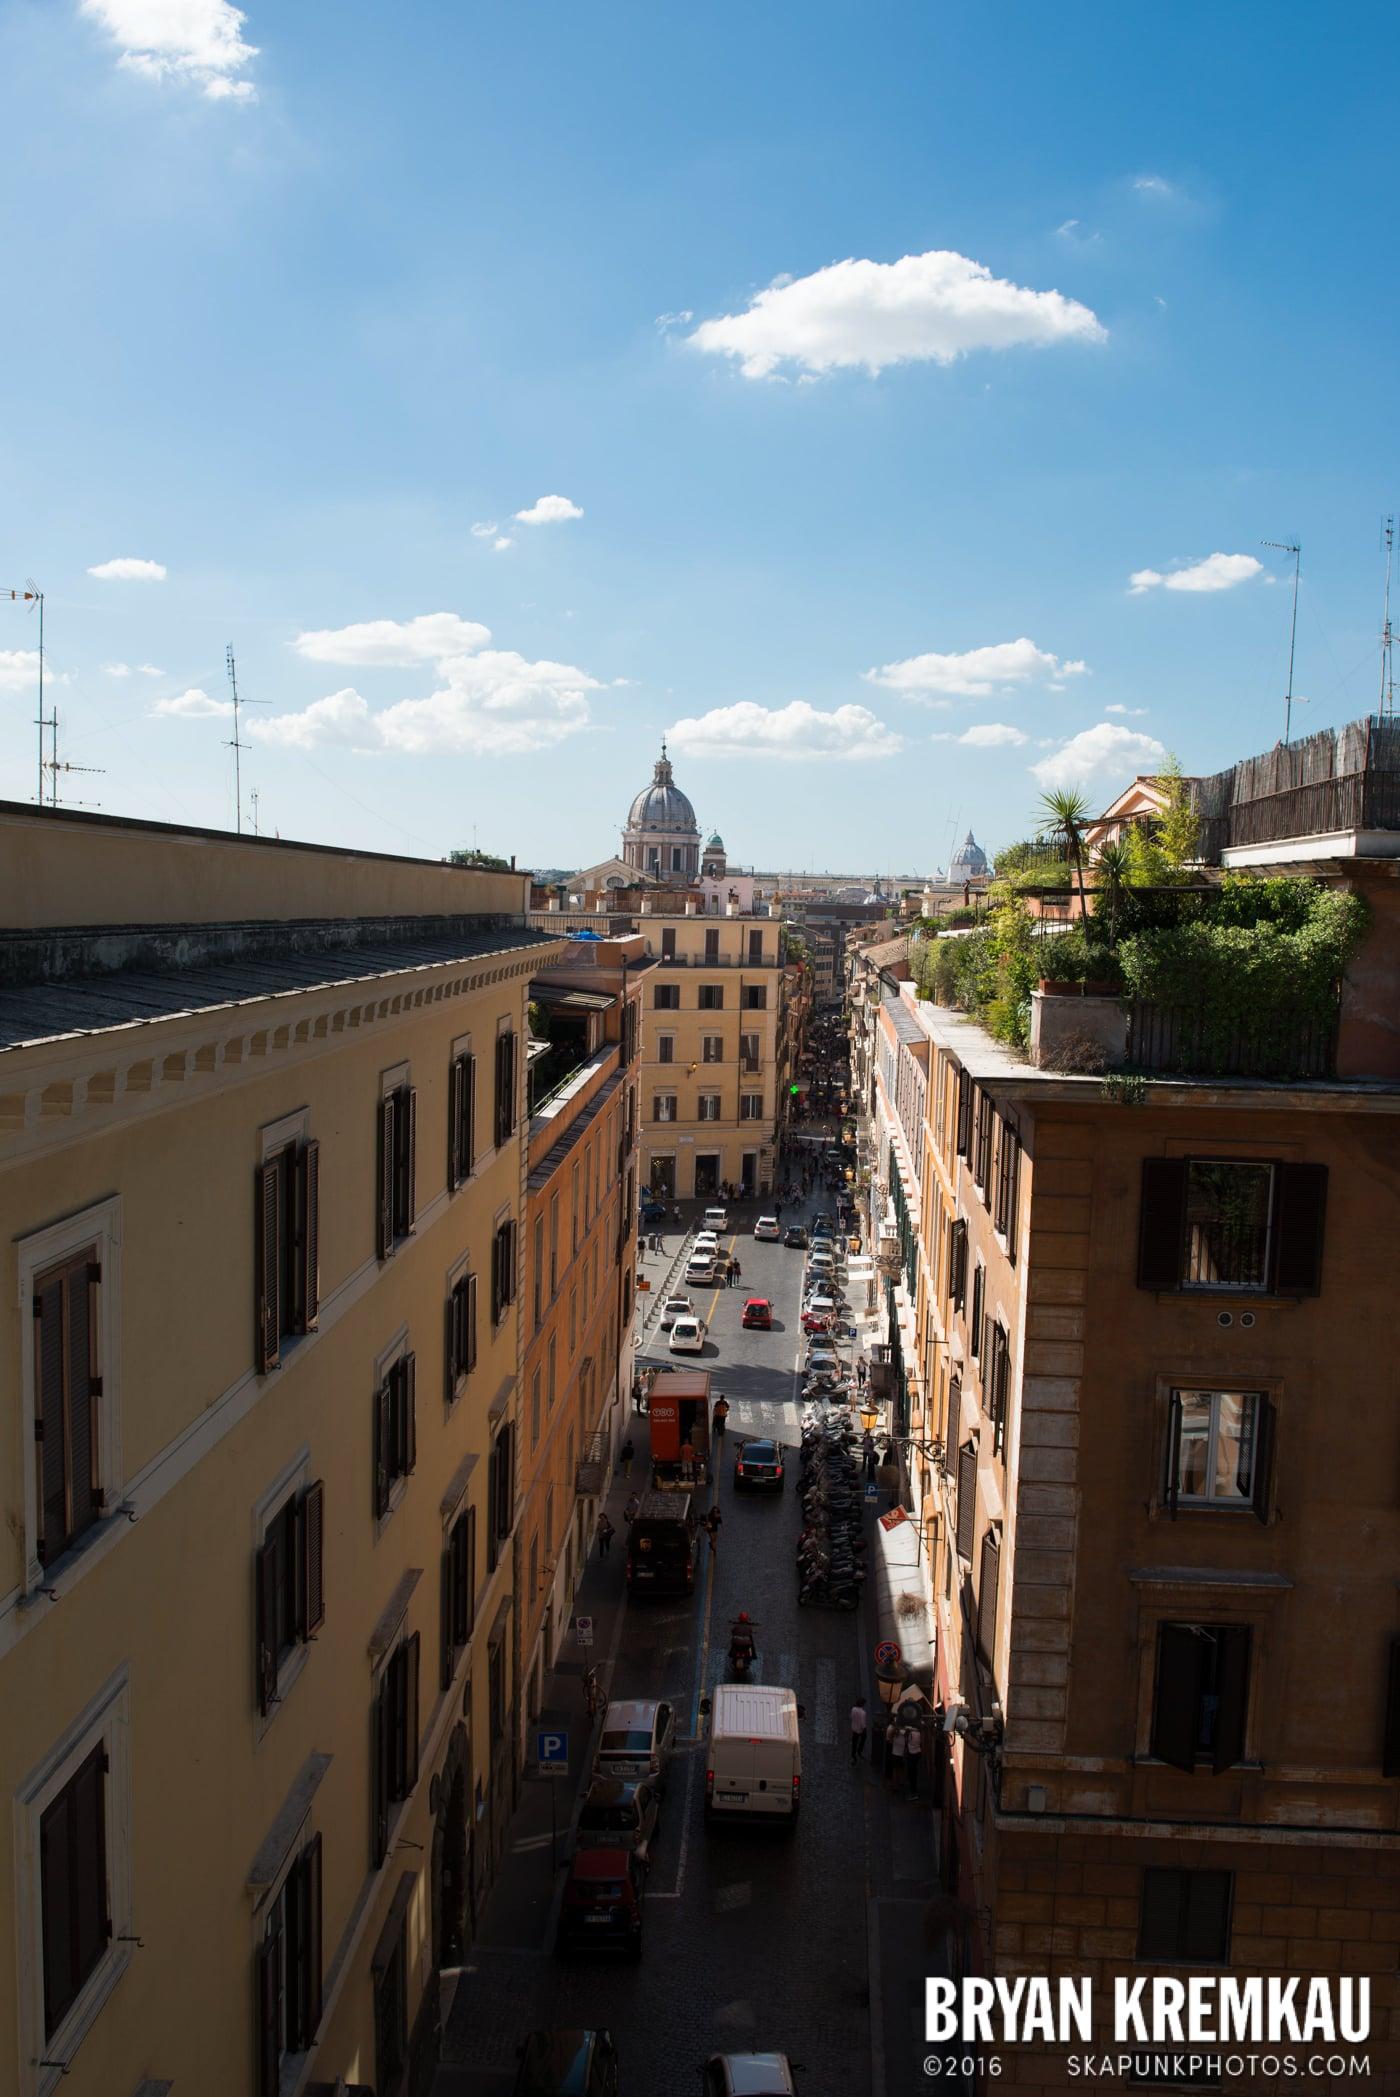 Italy Vacation - Day 12: Rome - 9.20.13 (28)